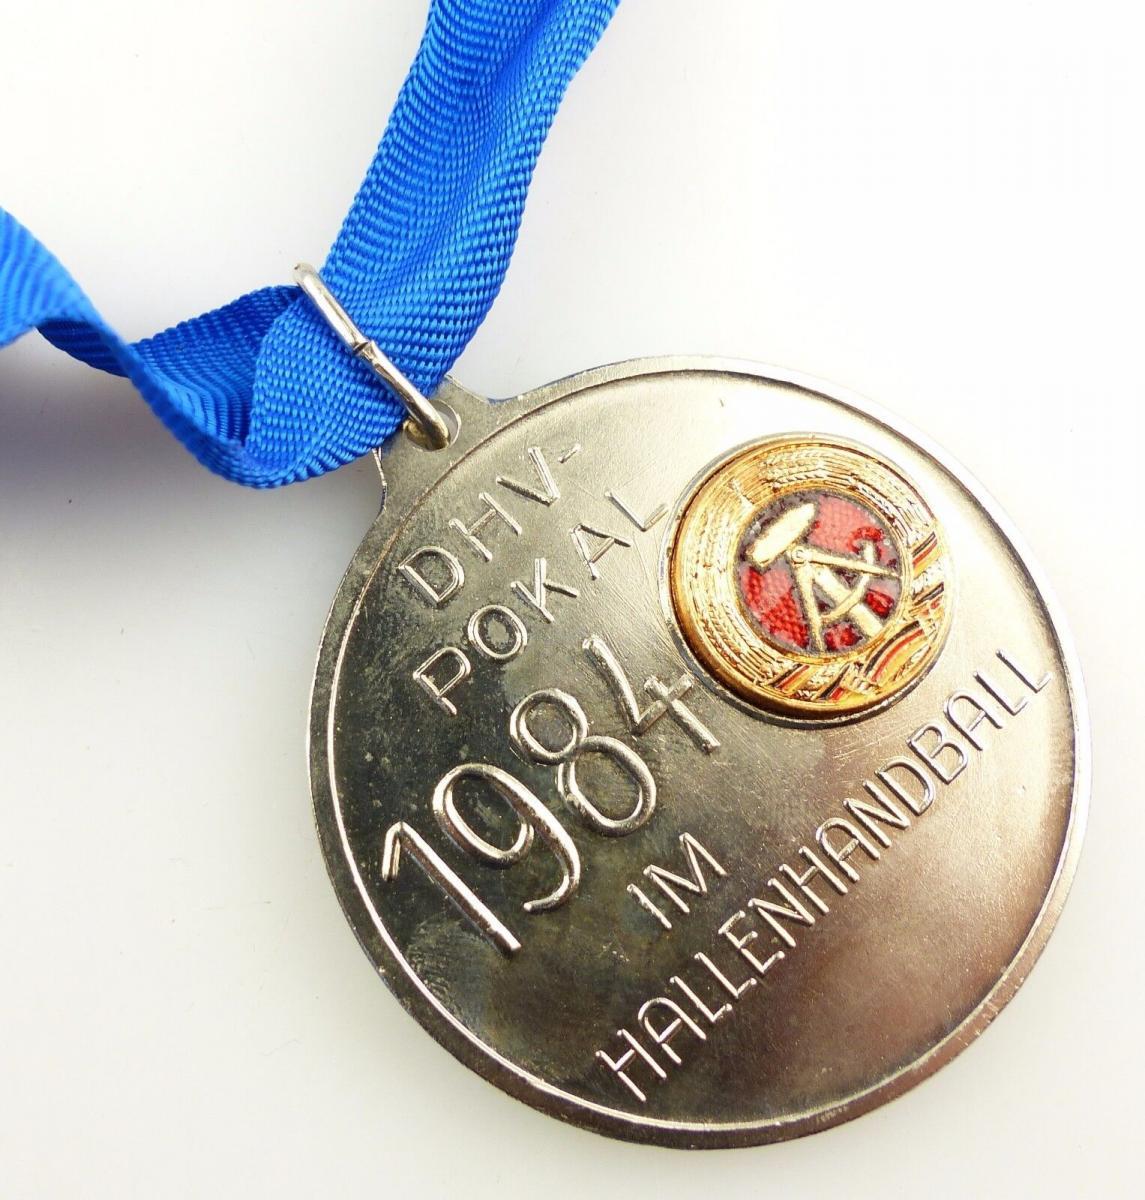 #e5537 DDR Medaille in Silber DHV Pokal 1984 im Hallenhandball